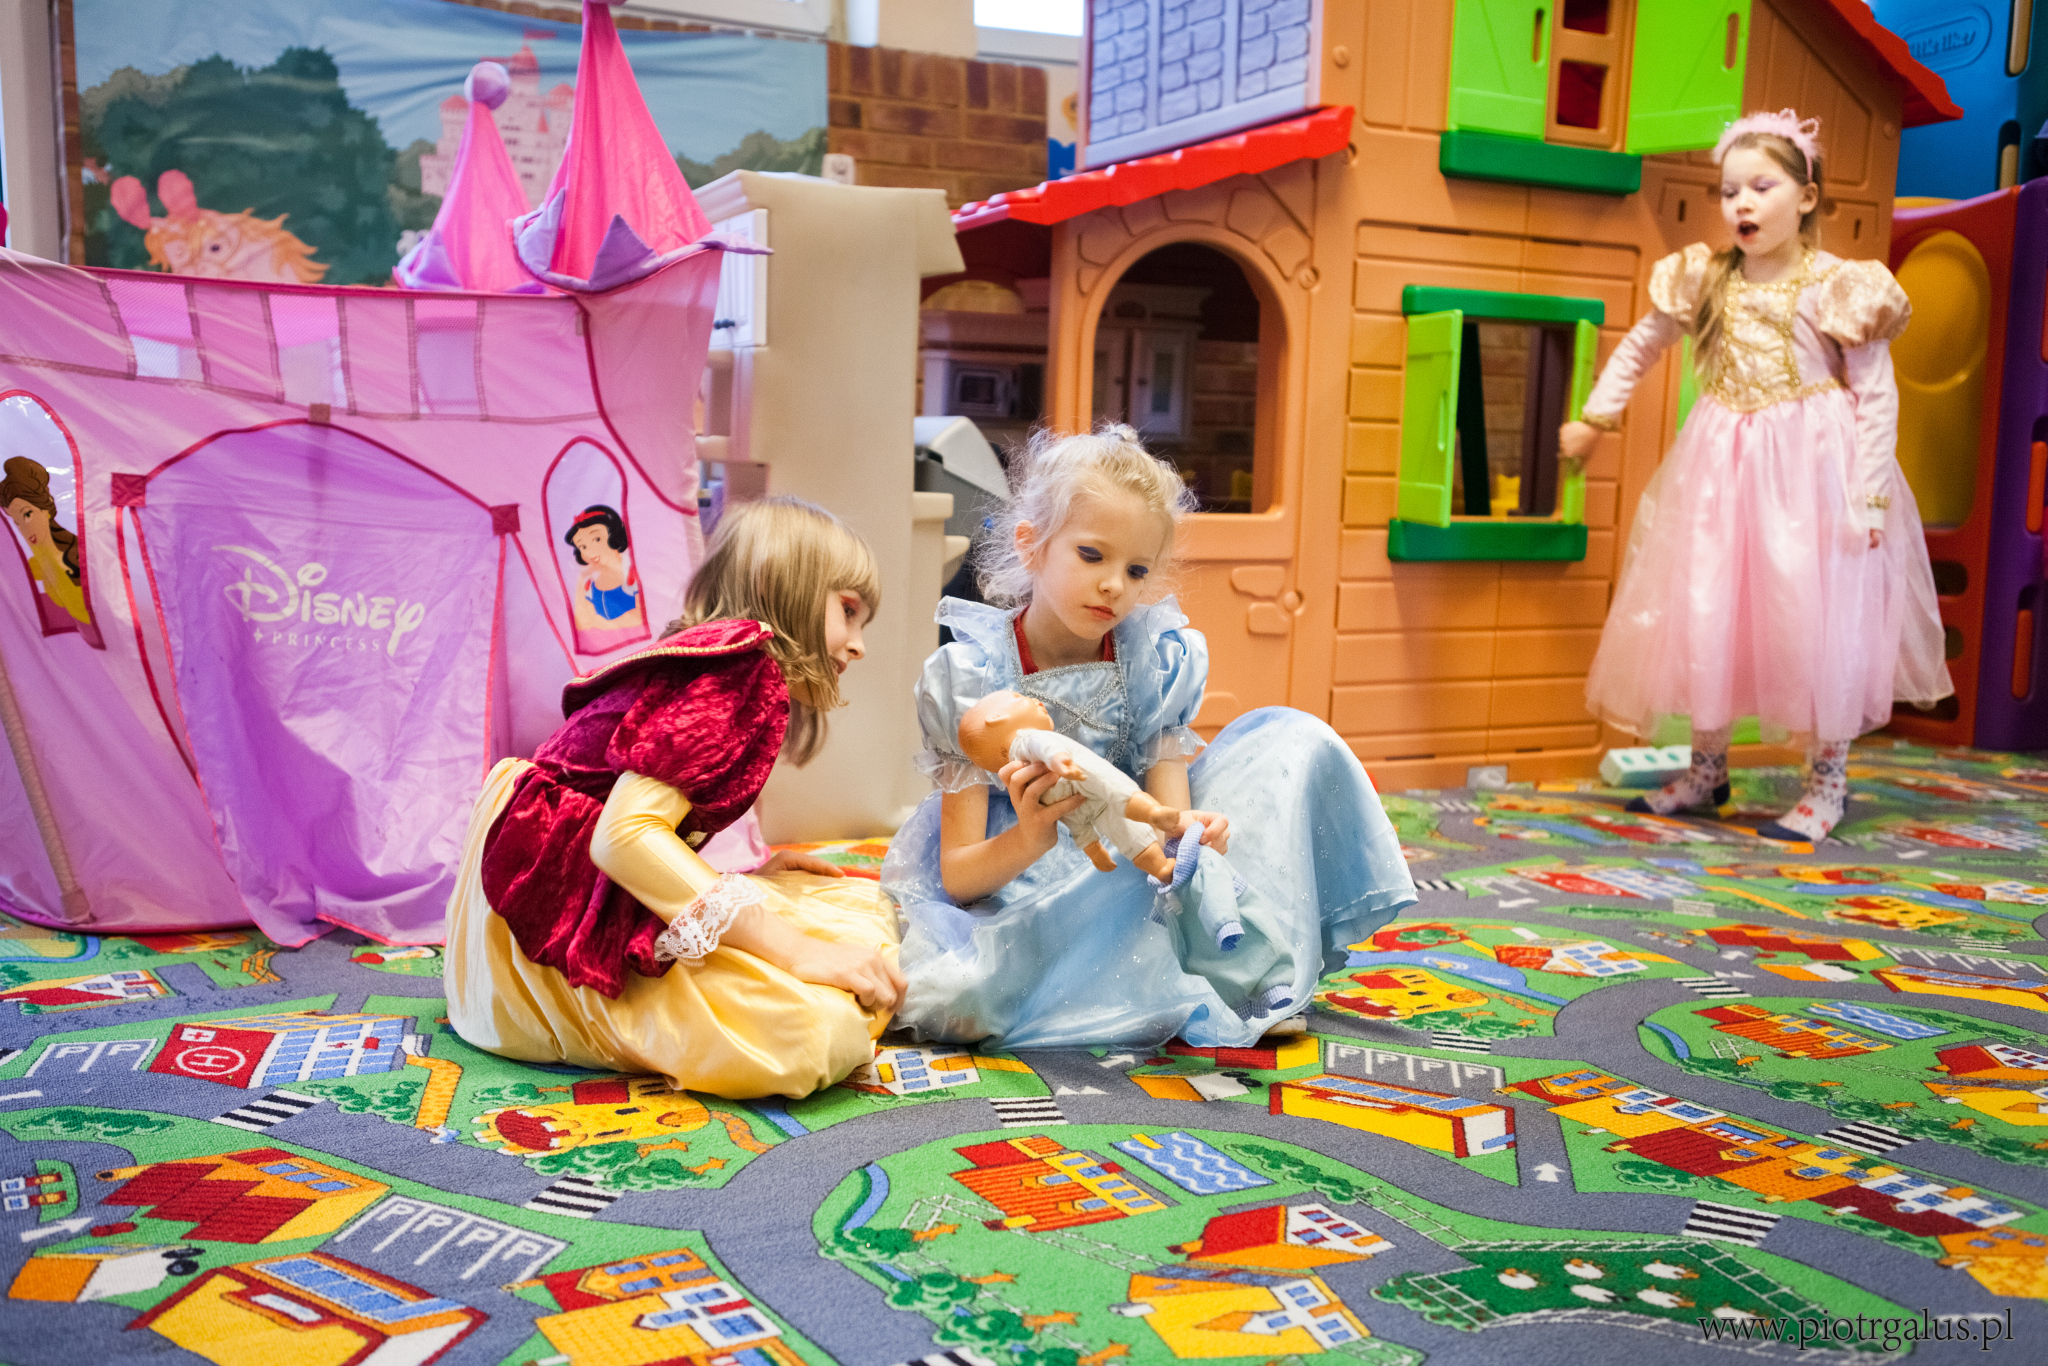 Anikino Kraina Zabaw Dzieciecych